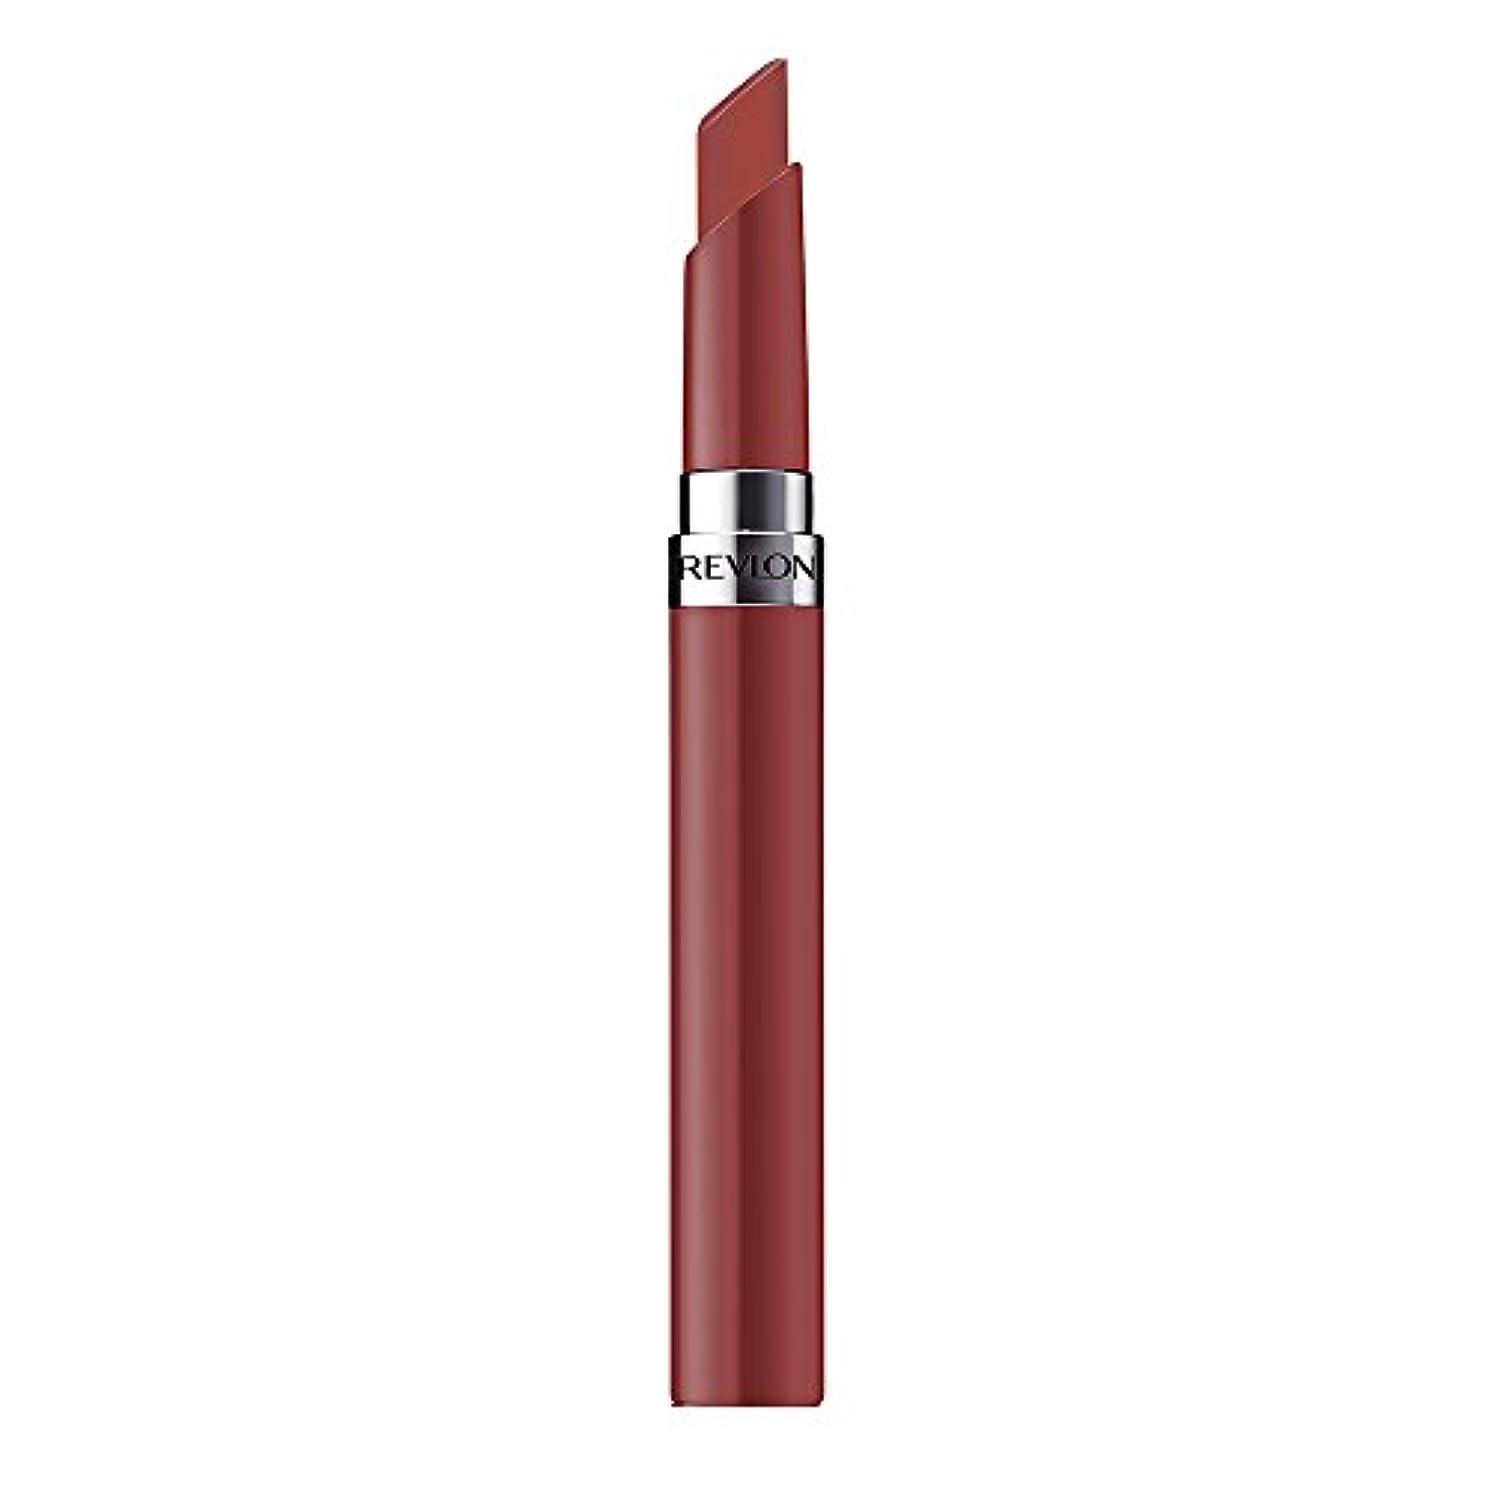 法令おとこペデスタルレブロン ウルトラ HD ジェル リップカラー 715 カラー:ショコラ ローズ